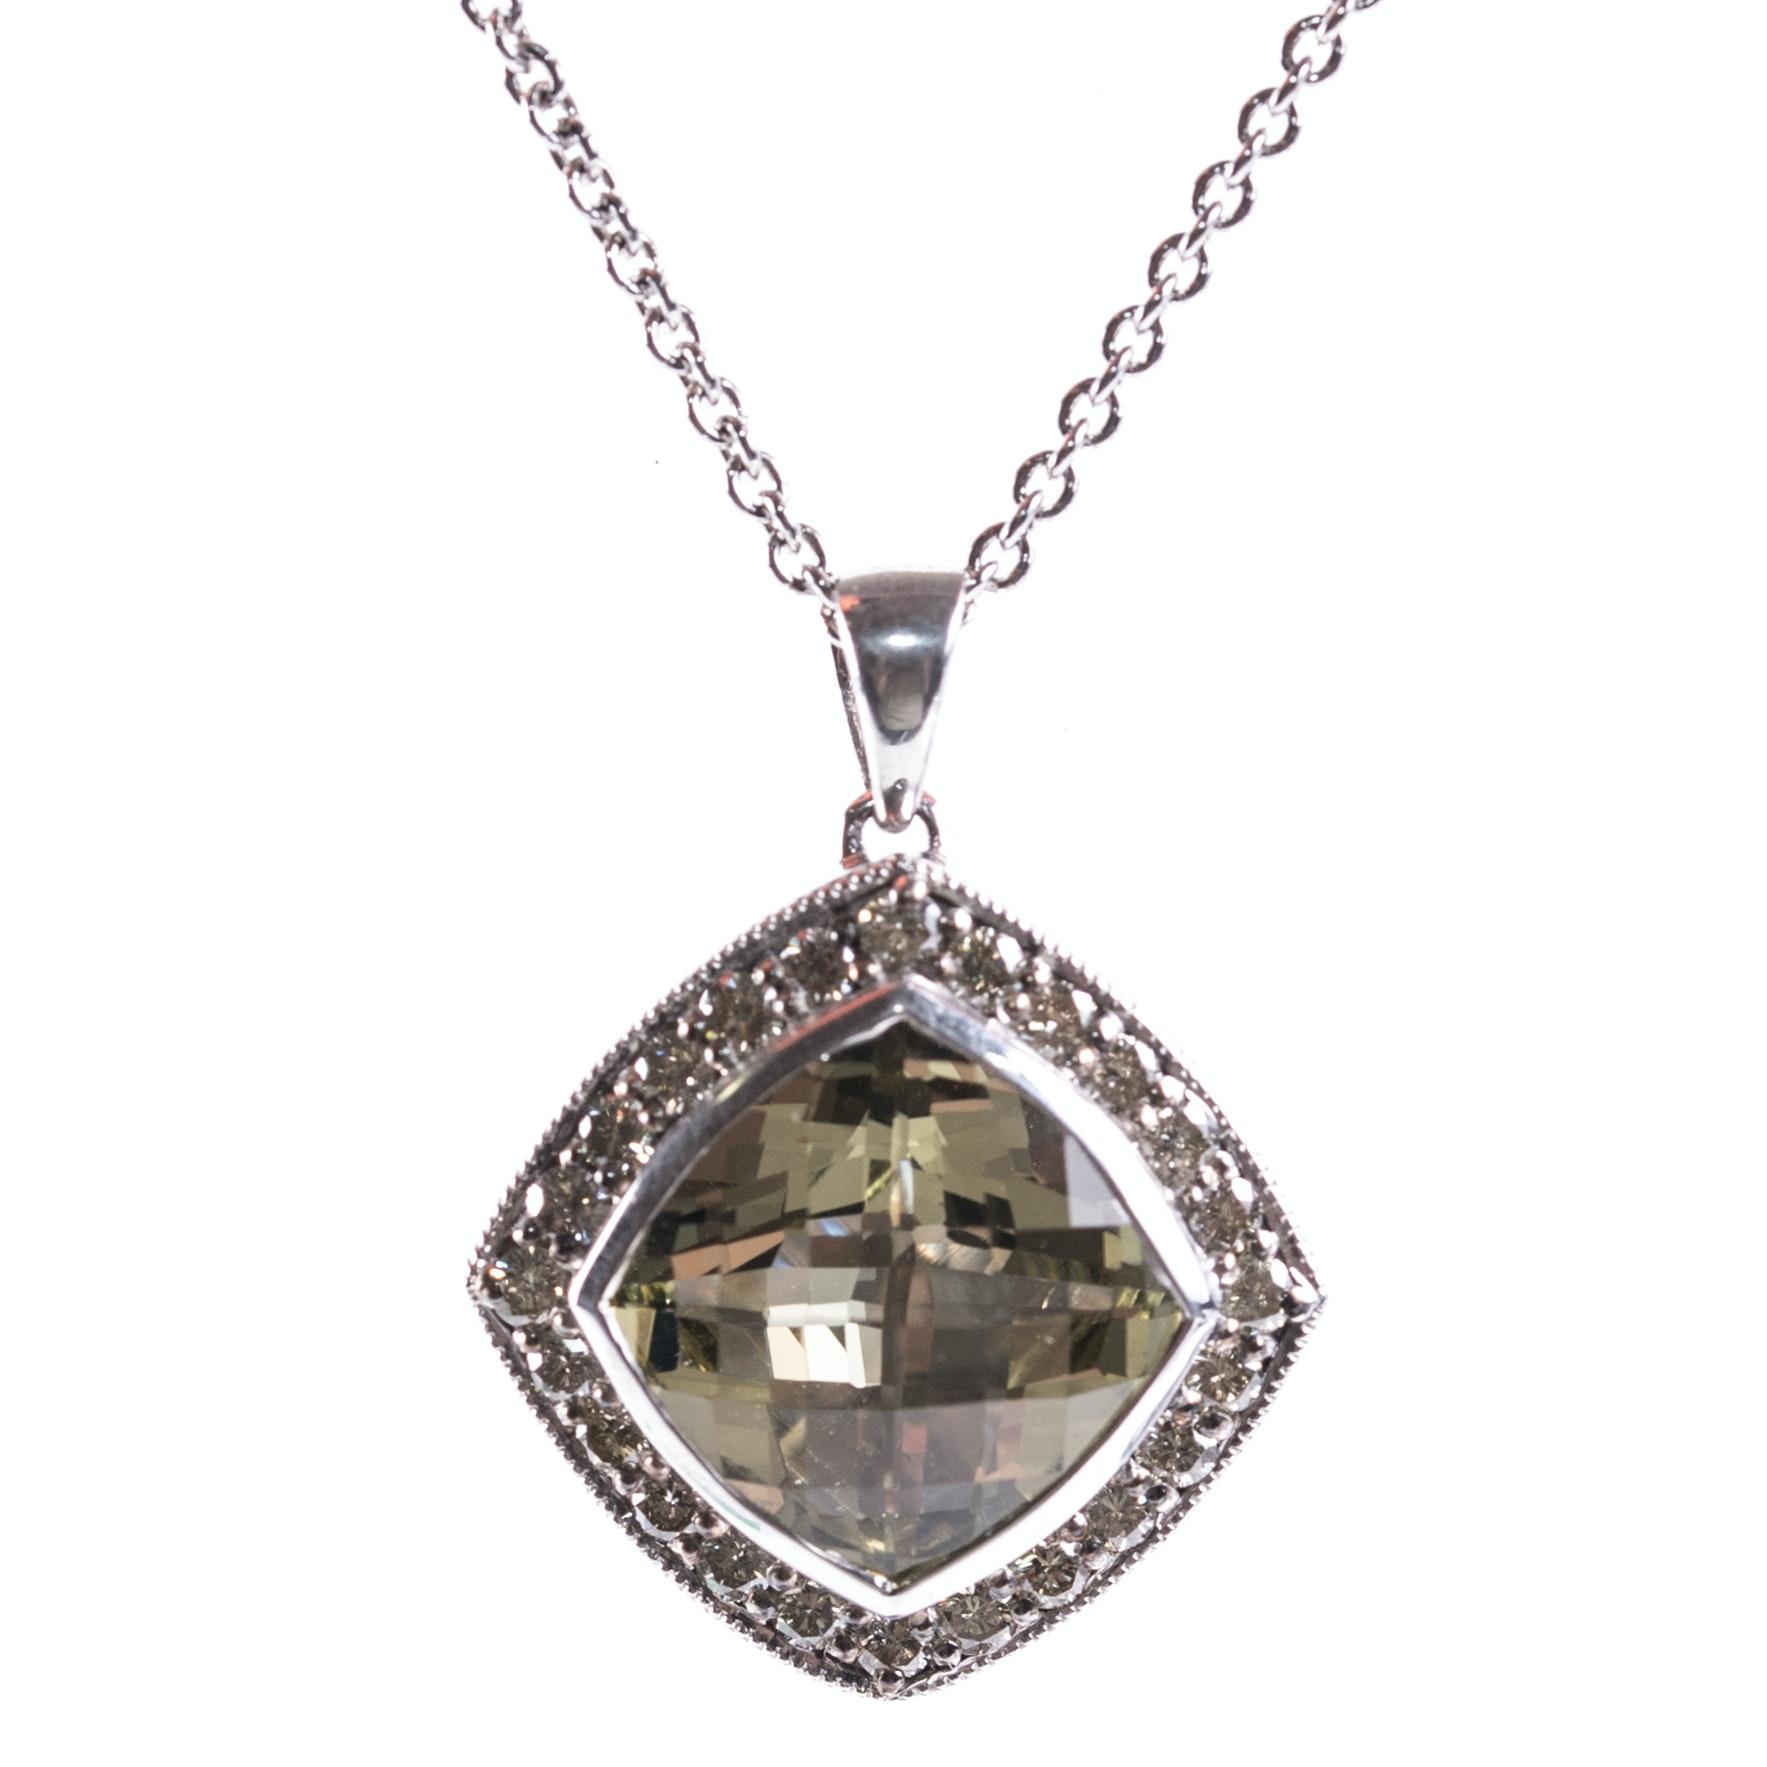 Sterling Silver, 4.06 CT Lemon Quartz, and Diamond Halo Pendant Necklace